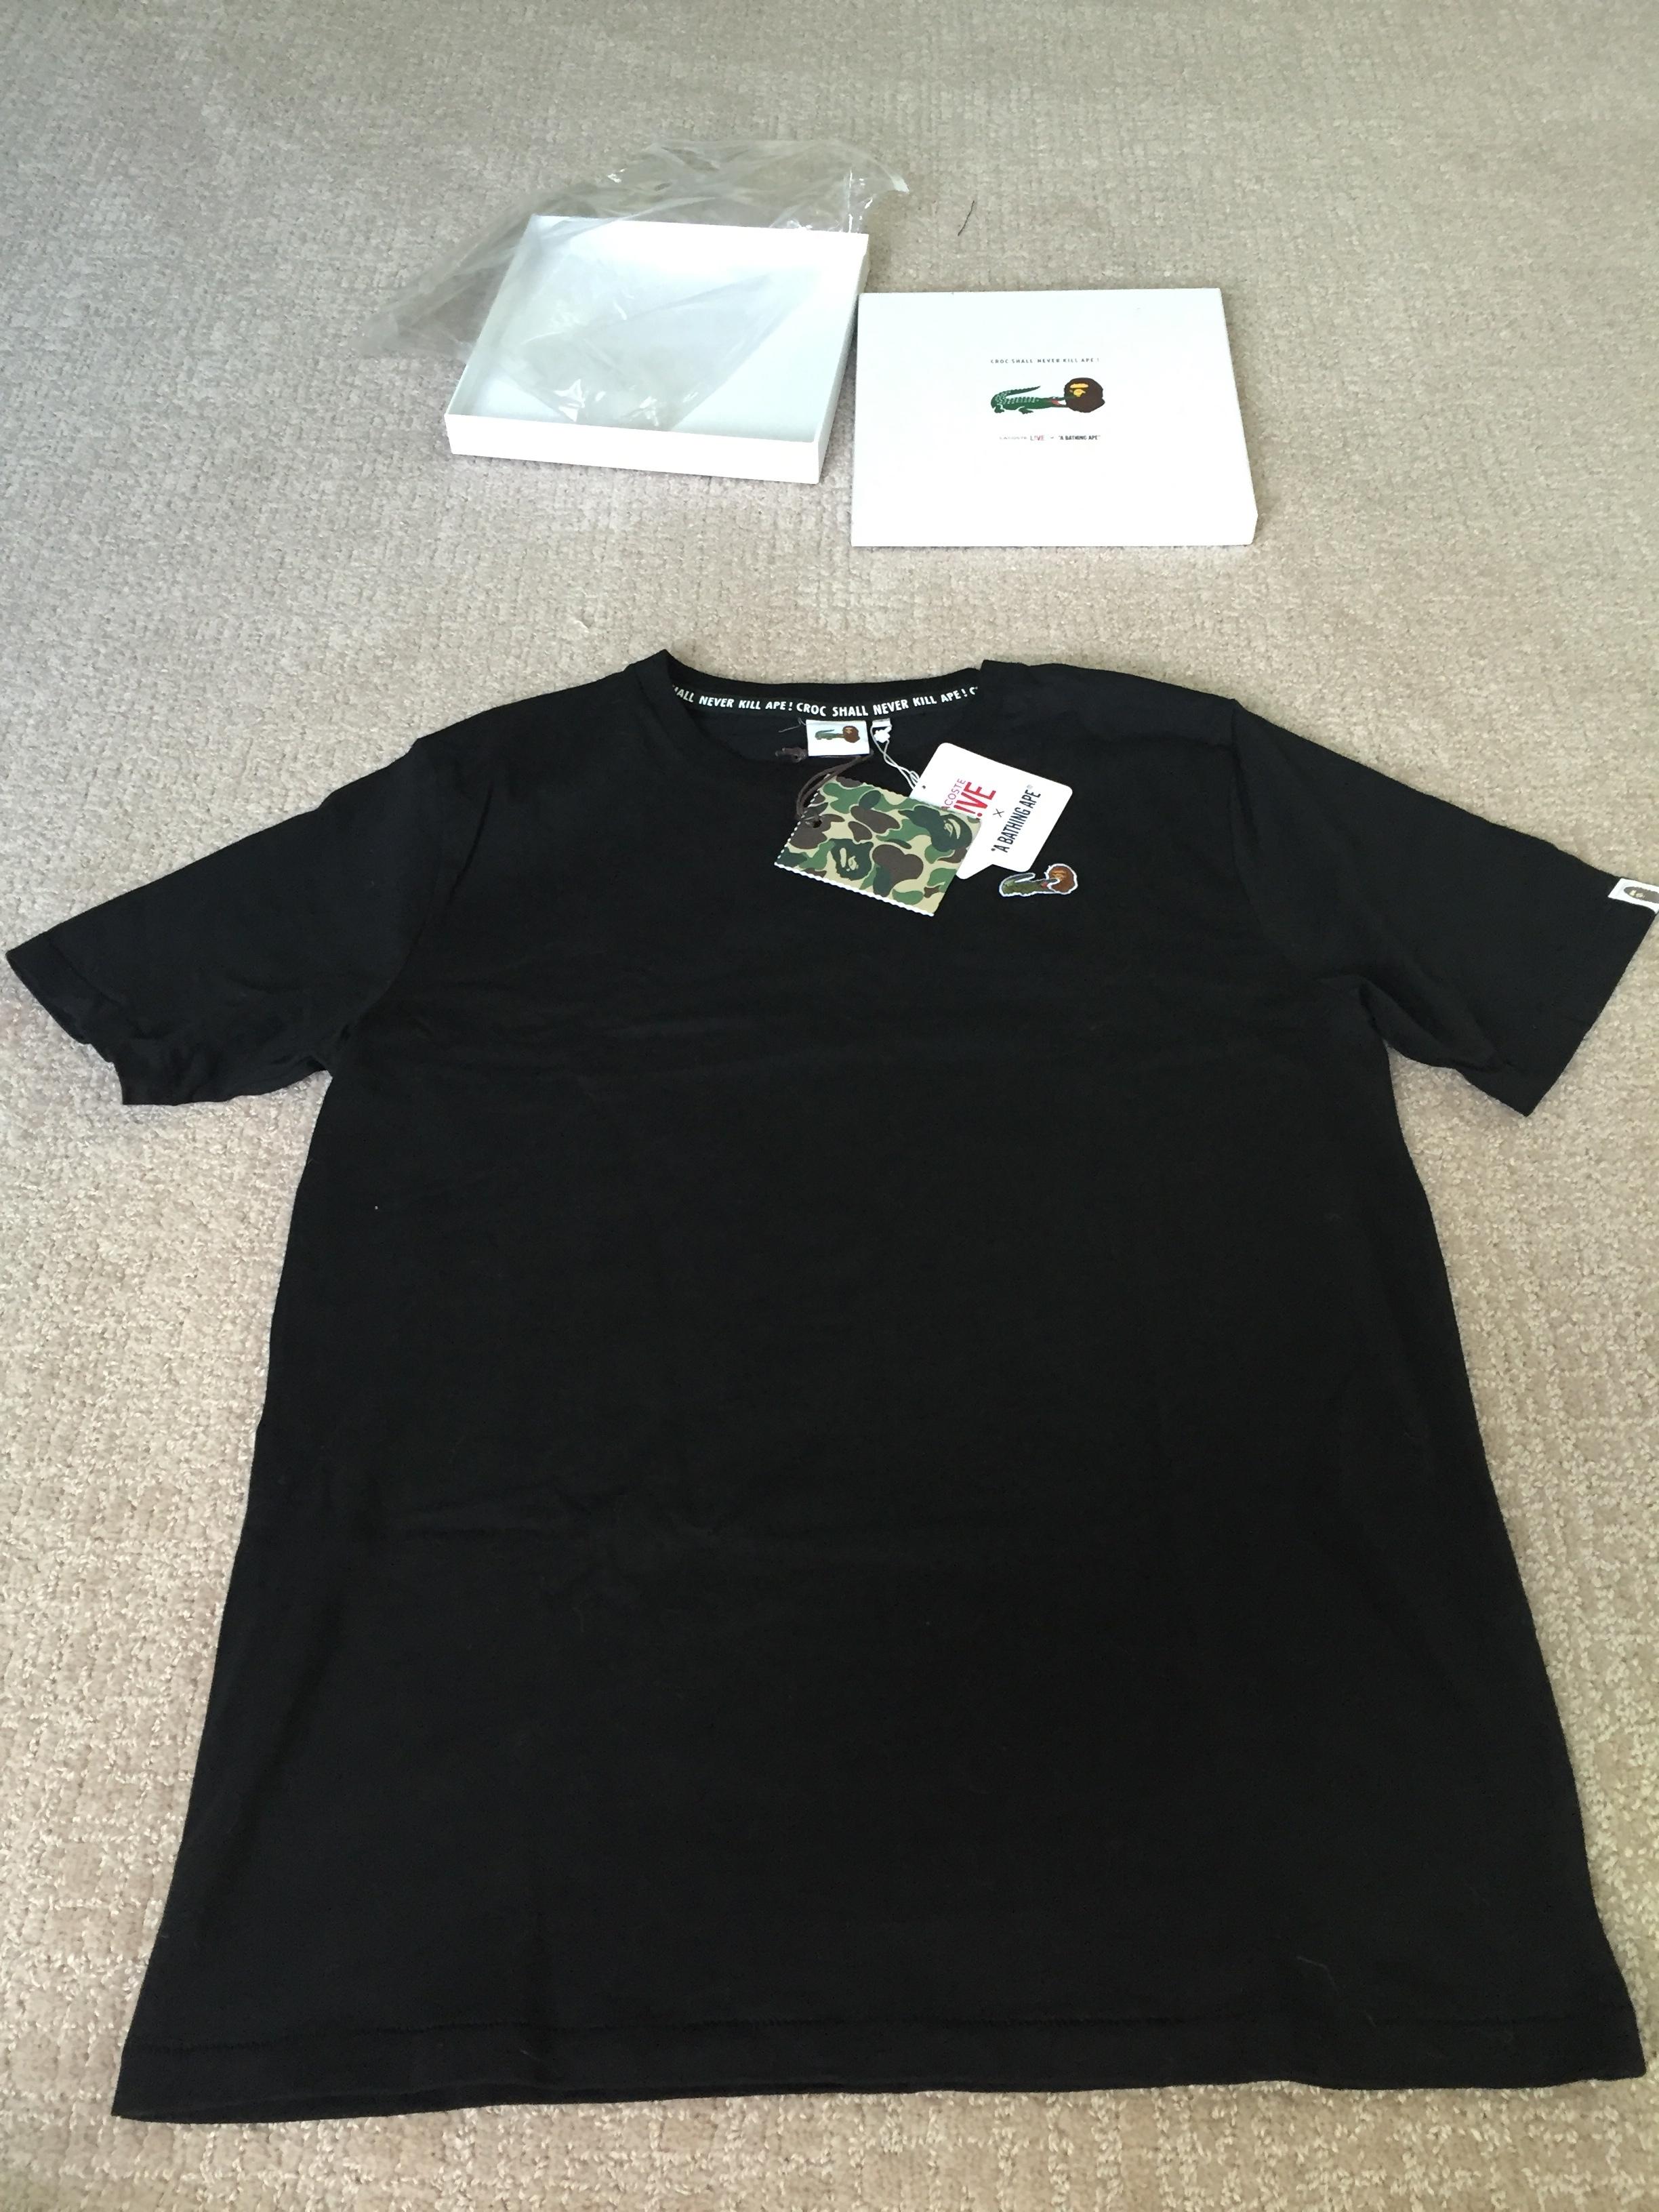 c68b2b6f3 Bape Lacoste Live (l!ve) X Bape T-shirt. Sz 6 (l). New W/ Tag N Box ...